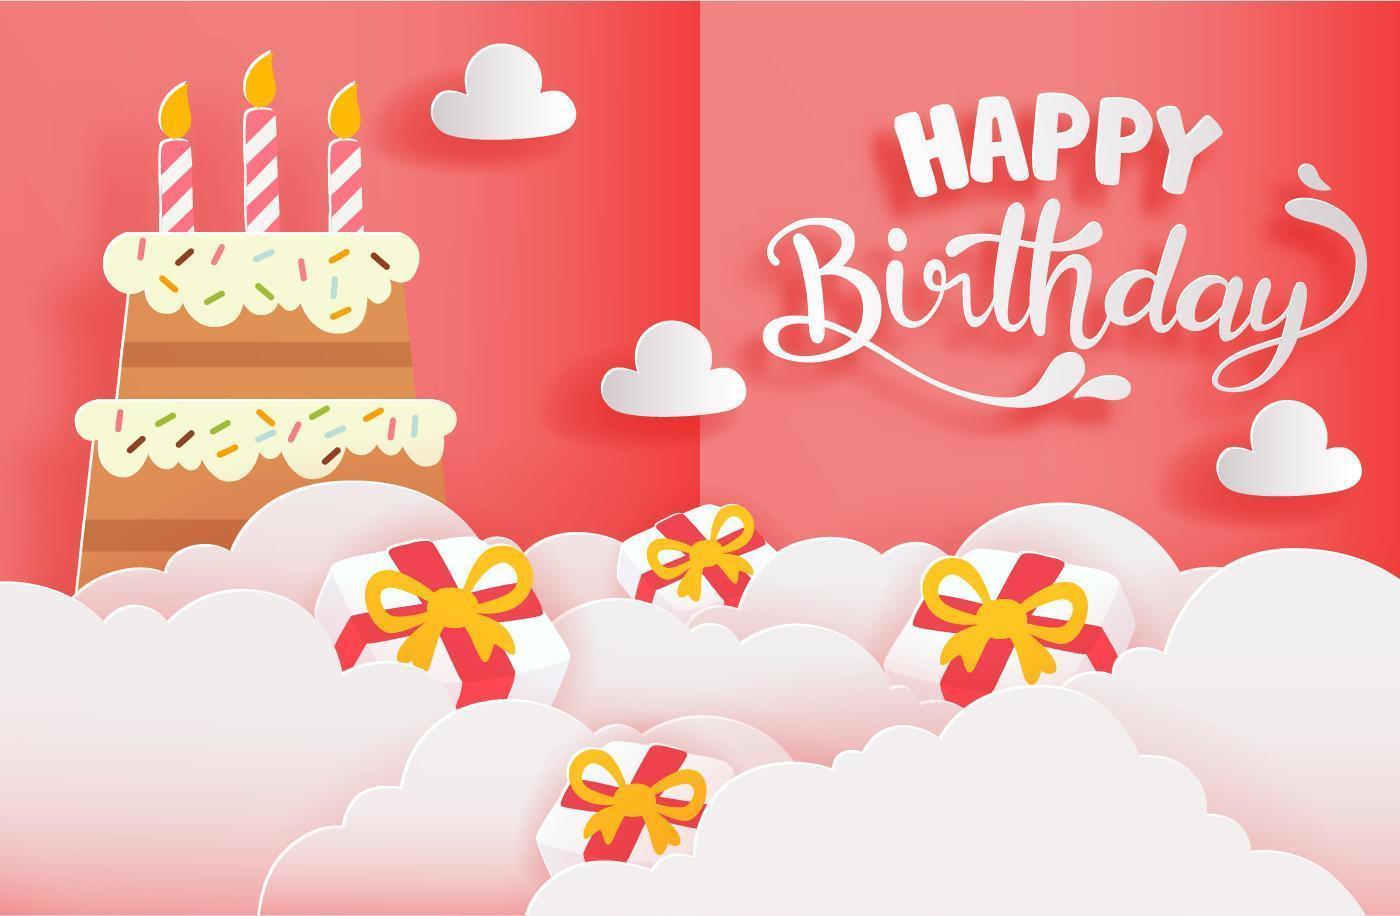 papier découpé style carte de voeux joyeux anniversaire avec gâteau et cadeaux vecteur